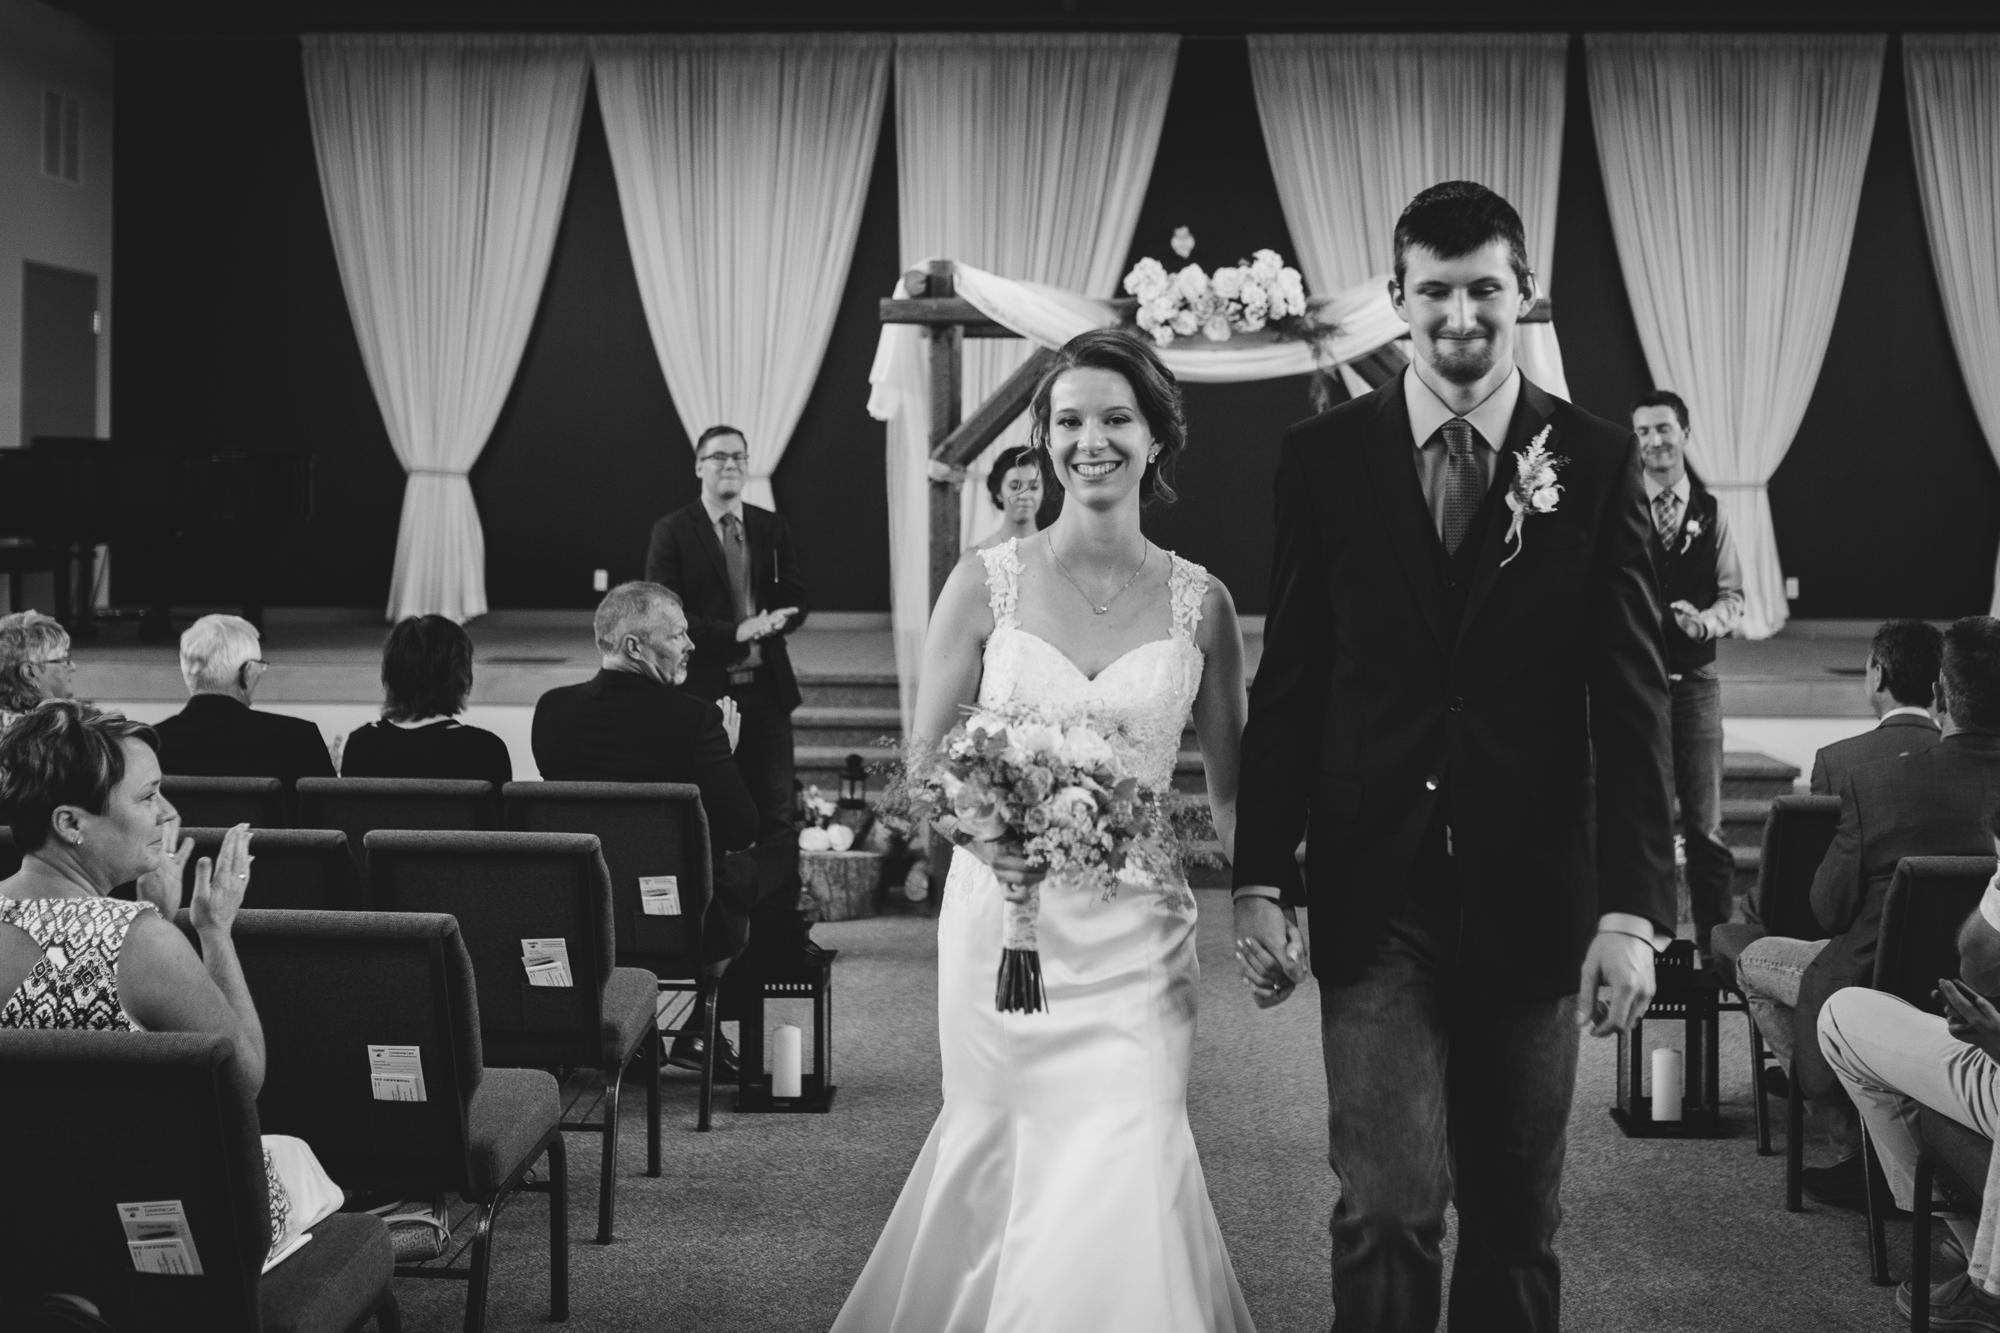 Deanna-Rachel-Photography-calgary-Wedding-photographer-jm-33.jpg